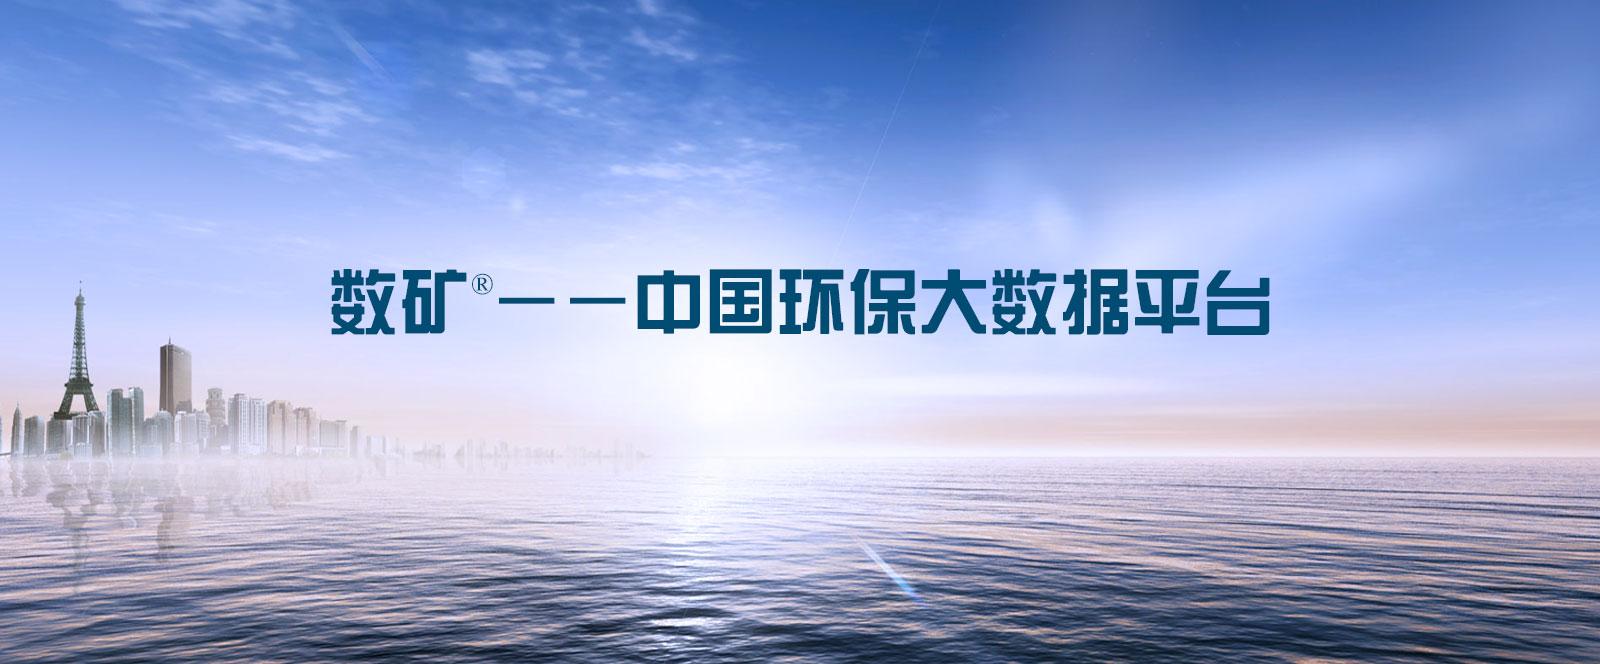 北京金控数据技术股份有限公司